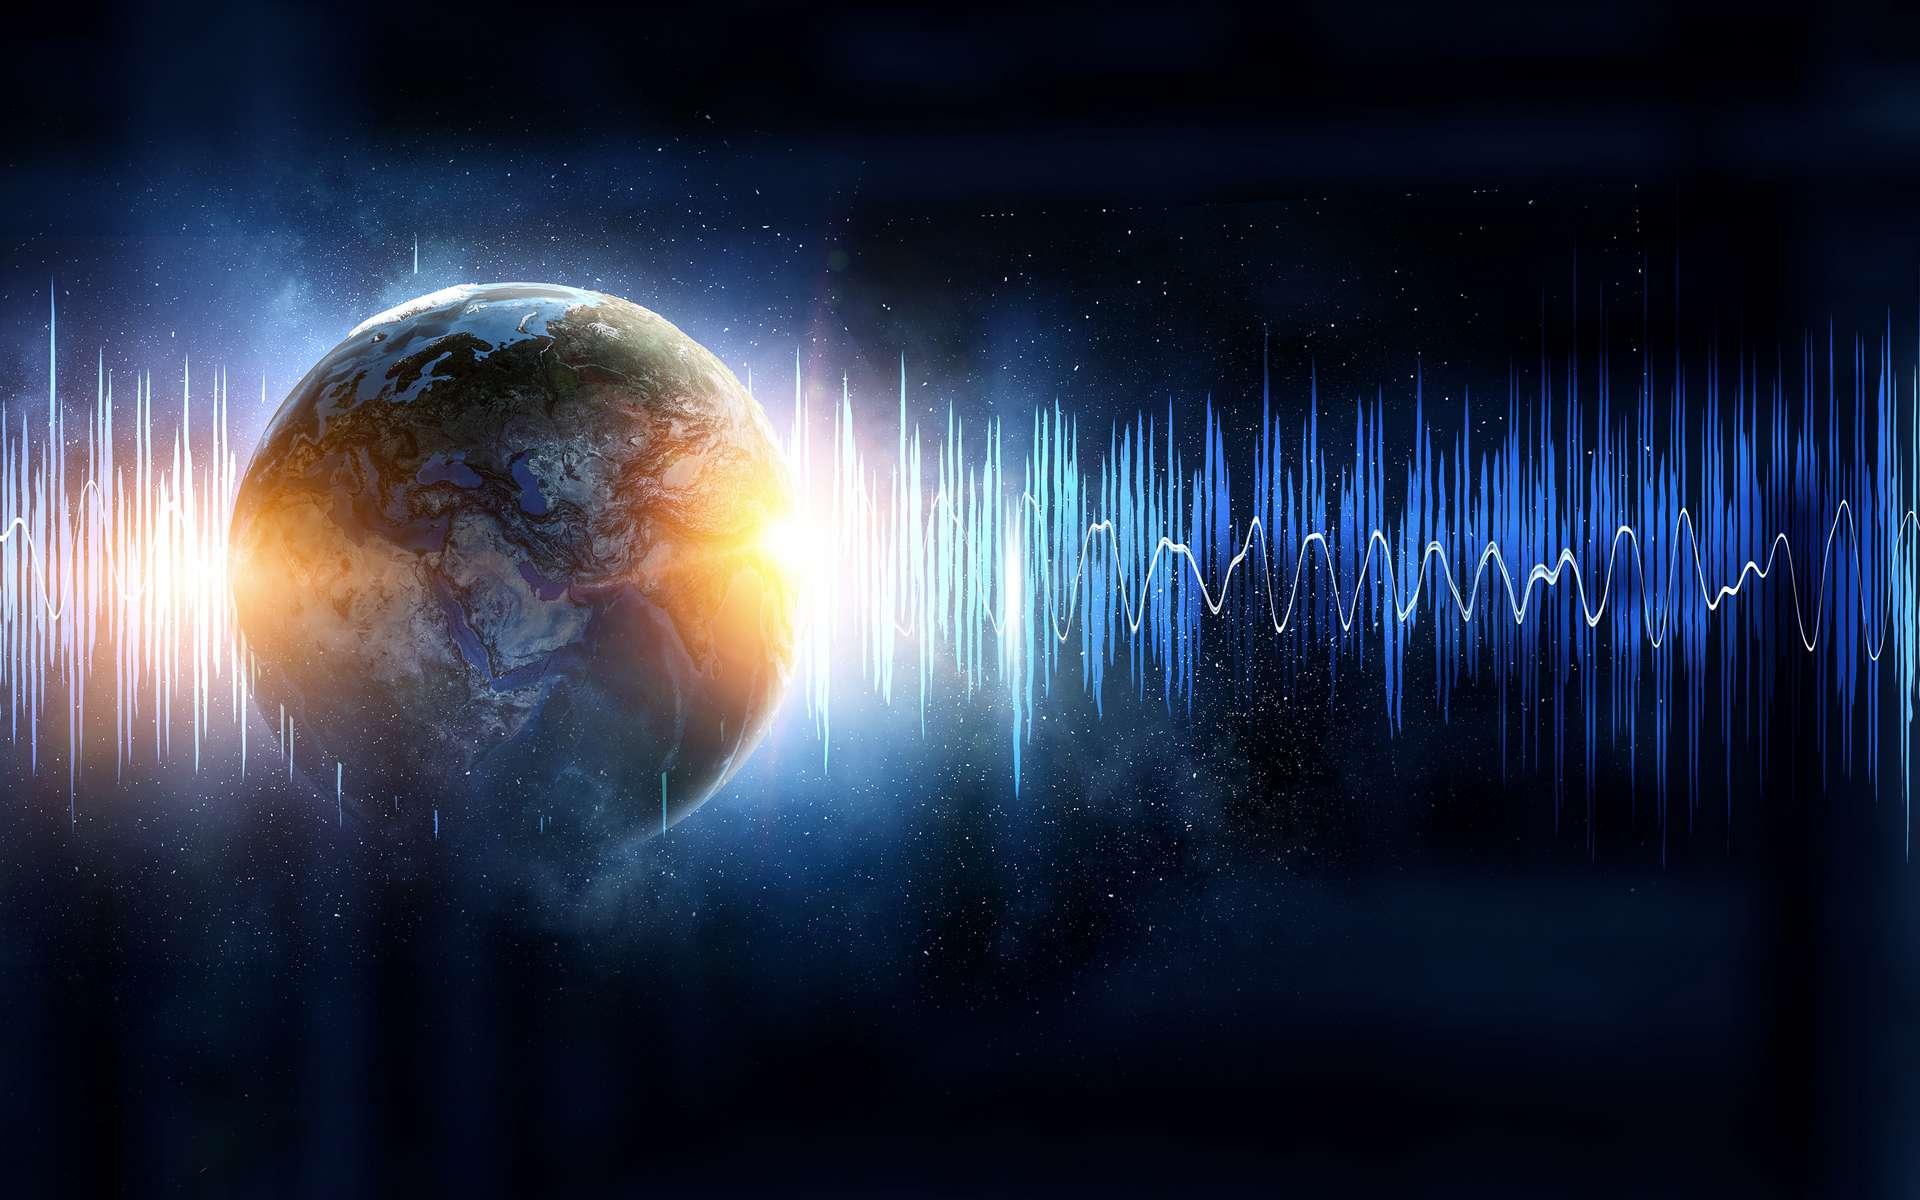 L'activité humaine provoque un bourdonnement sismique. © Sergey Nivens, Adobe Stock